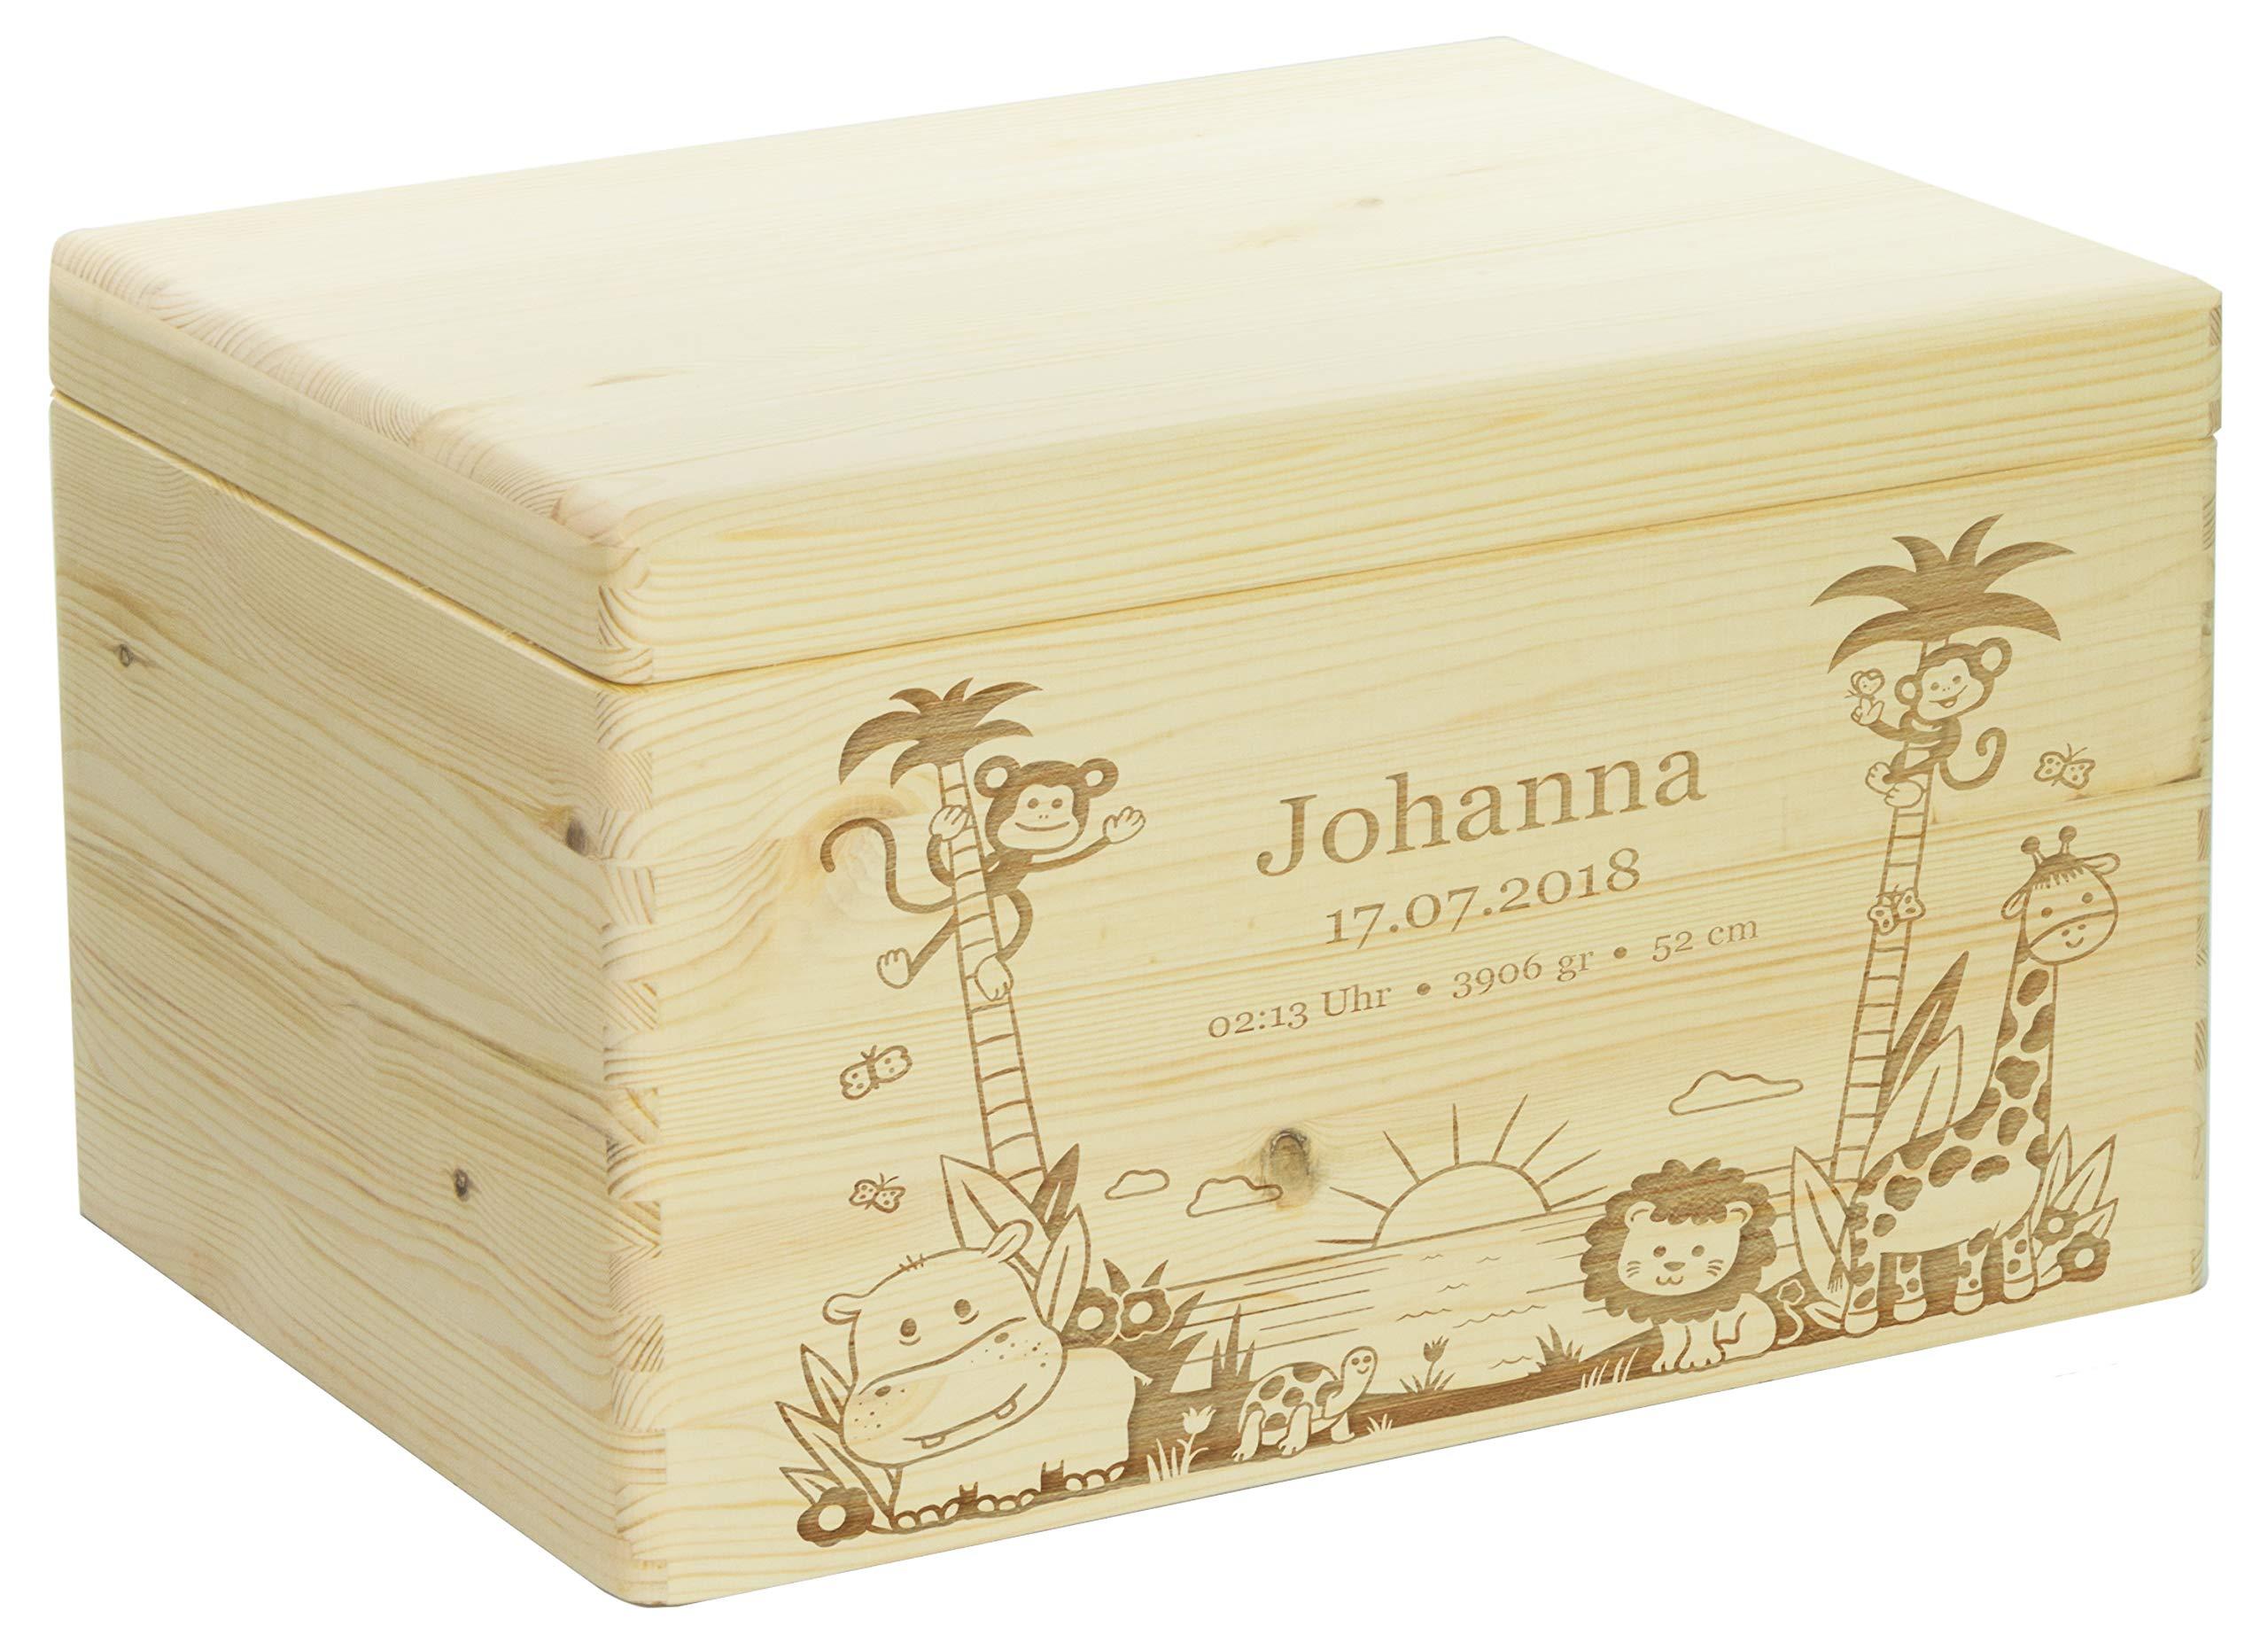 Holzkiste mit Gravur - Personalisiert mit ❤️ GEBURTSDATEN ❤️ - Naturbelassen, Größe XL - Dschungel Motiv - Erinnerungskiste als Geschenk zur Geburt - LAUBLUST® 1